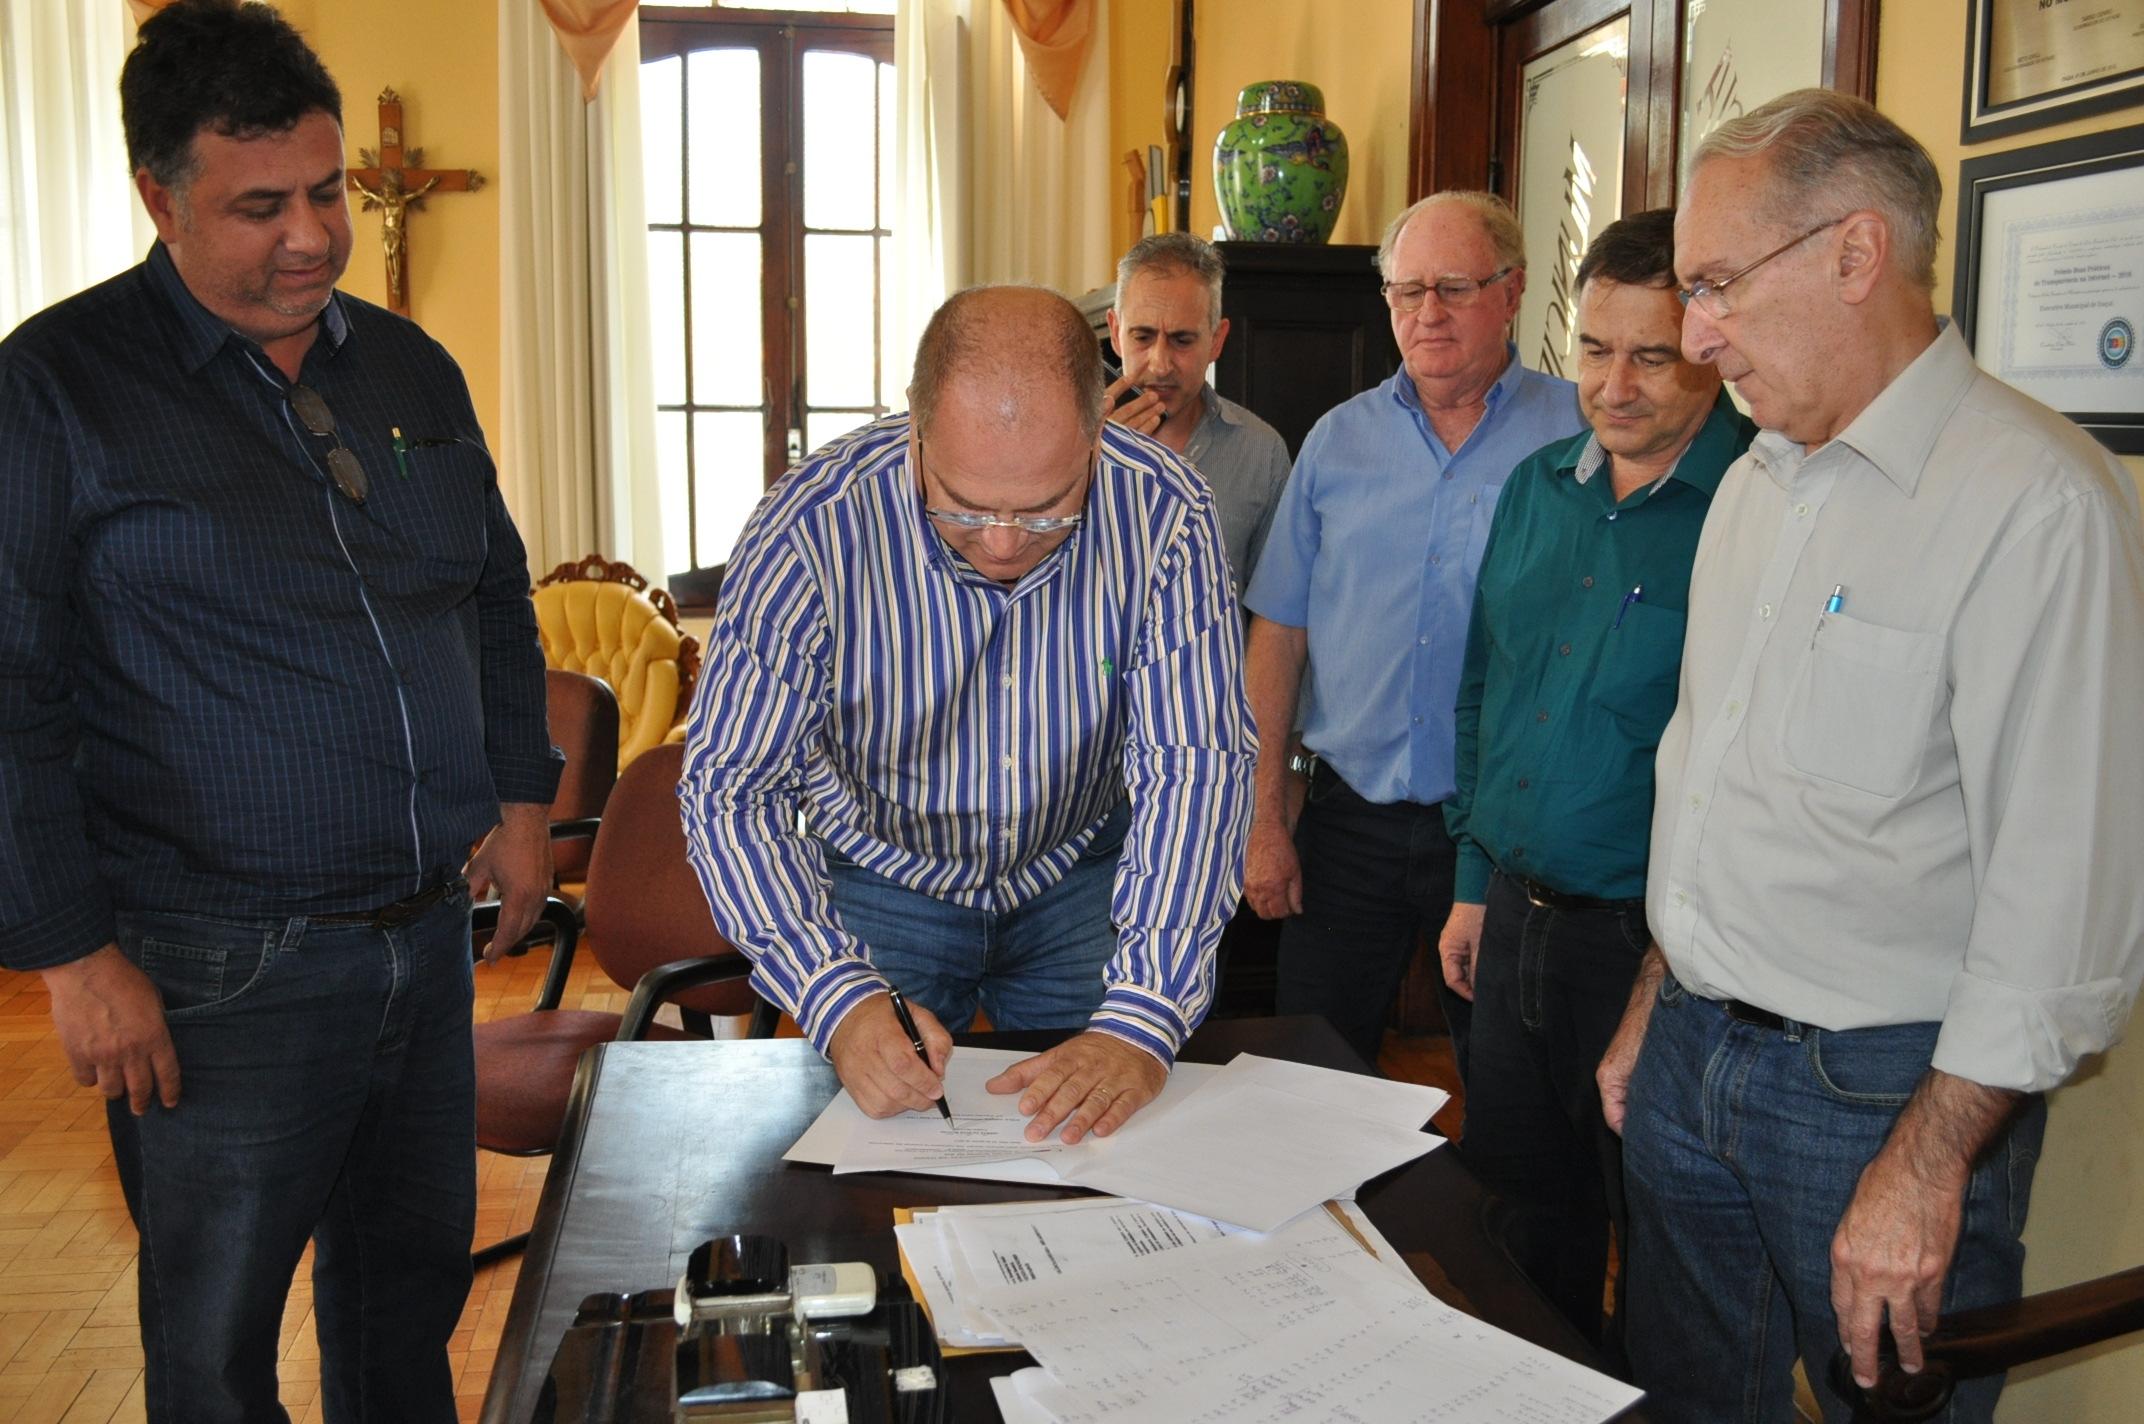 Assinatura de contrato com o diretor comercial da Iccila na manhã de hoje